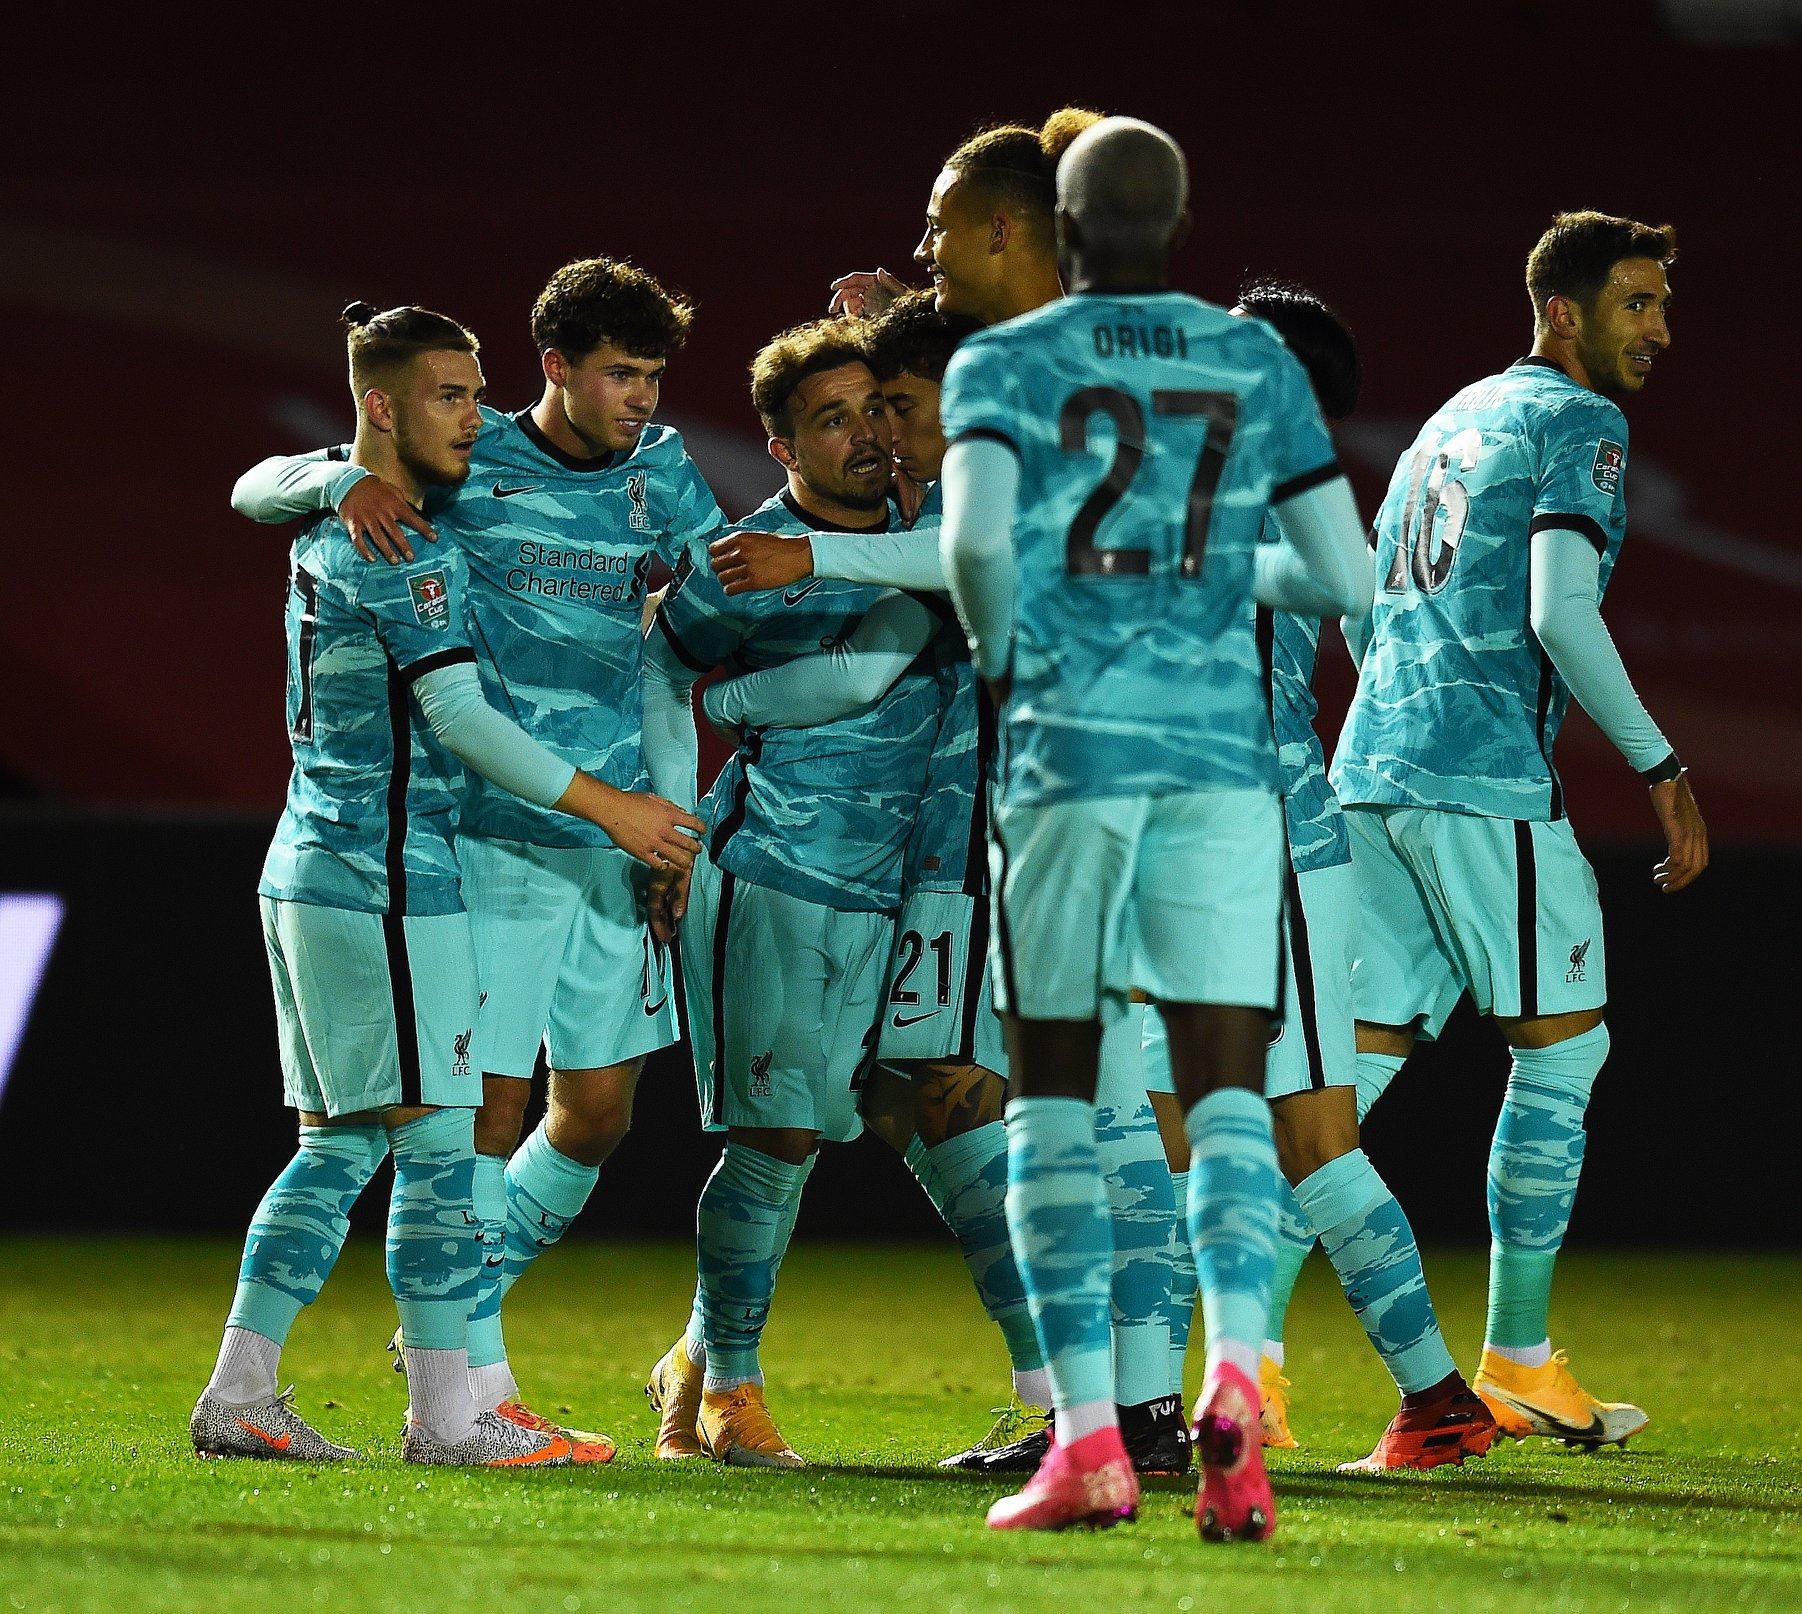 كأس العصبة الانجليزية .. تأهل مانشستر سيتي و ليفربول إلى الدور الرابع